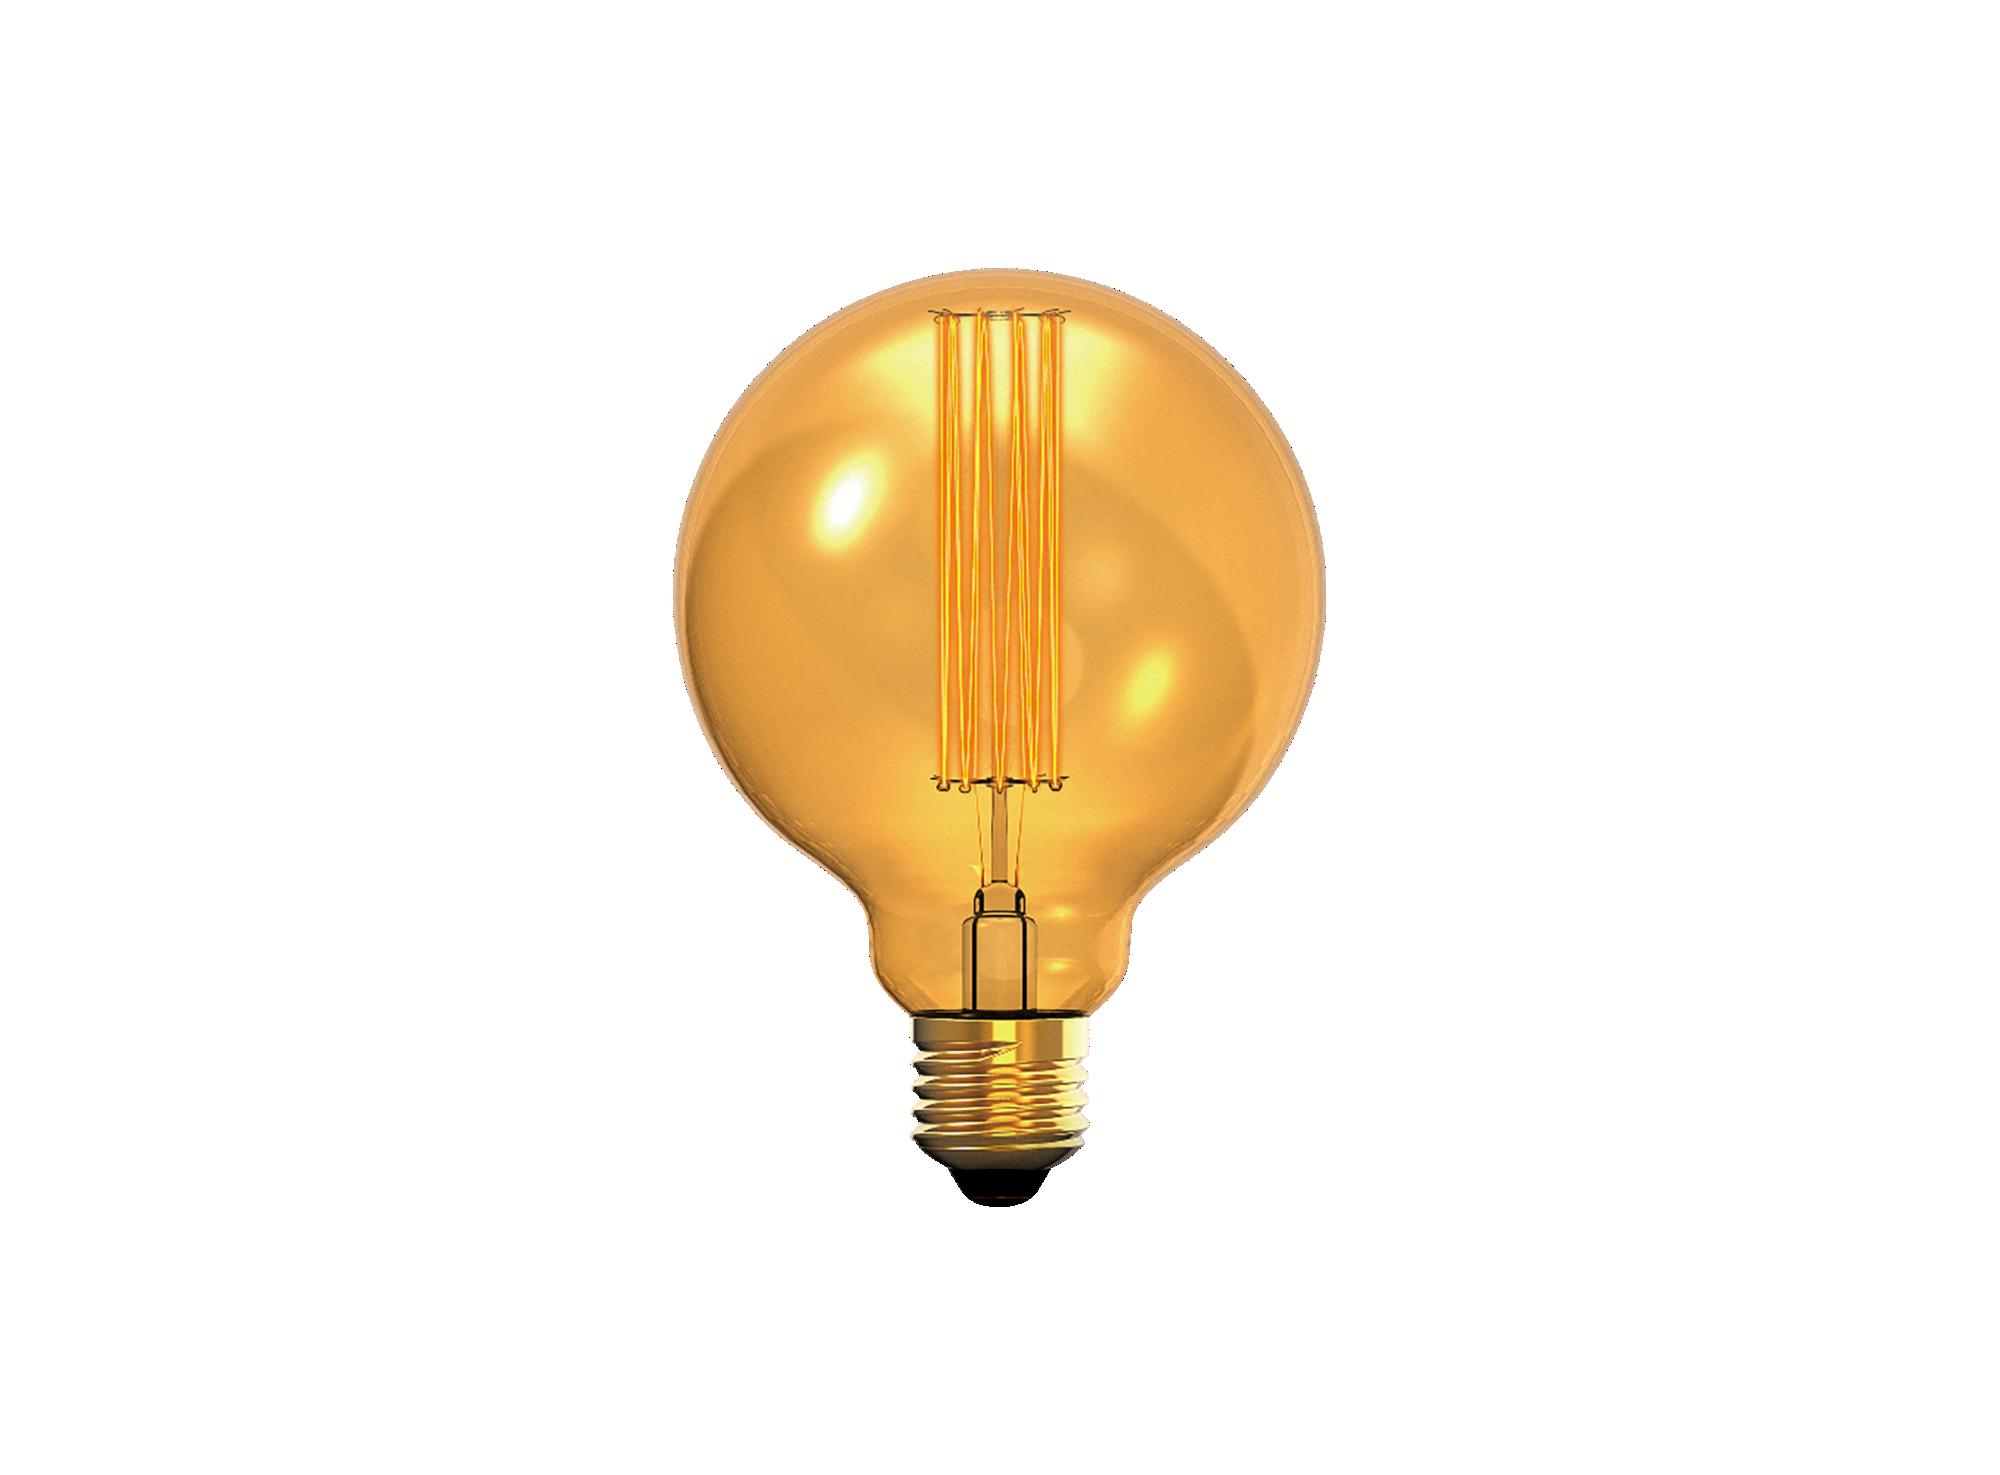 Ampoule decorative a filament  incandescent en forme de globe, colori ...